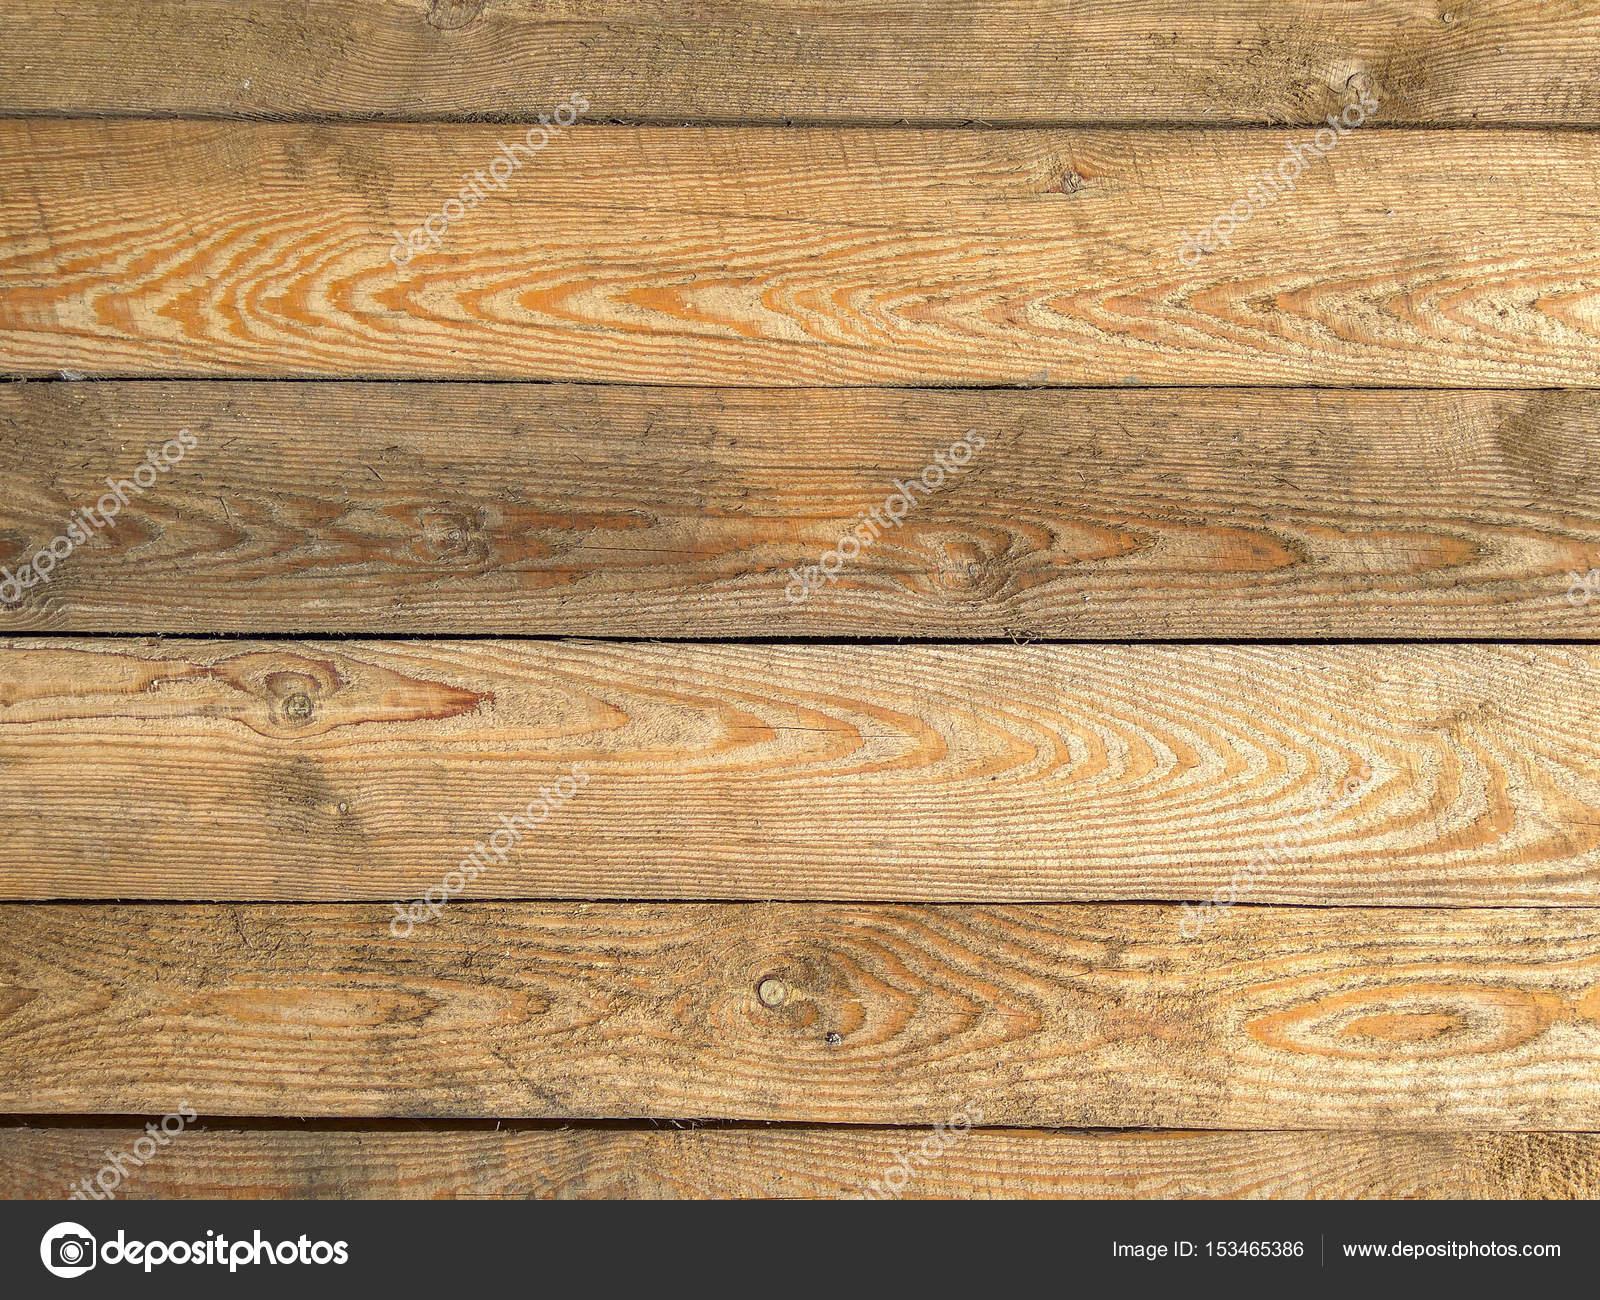 Legno Naturale Chiaro : Struttura di legno fondo in legno chiaro naturale u foto stock